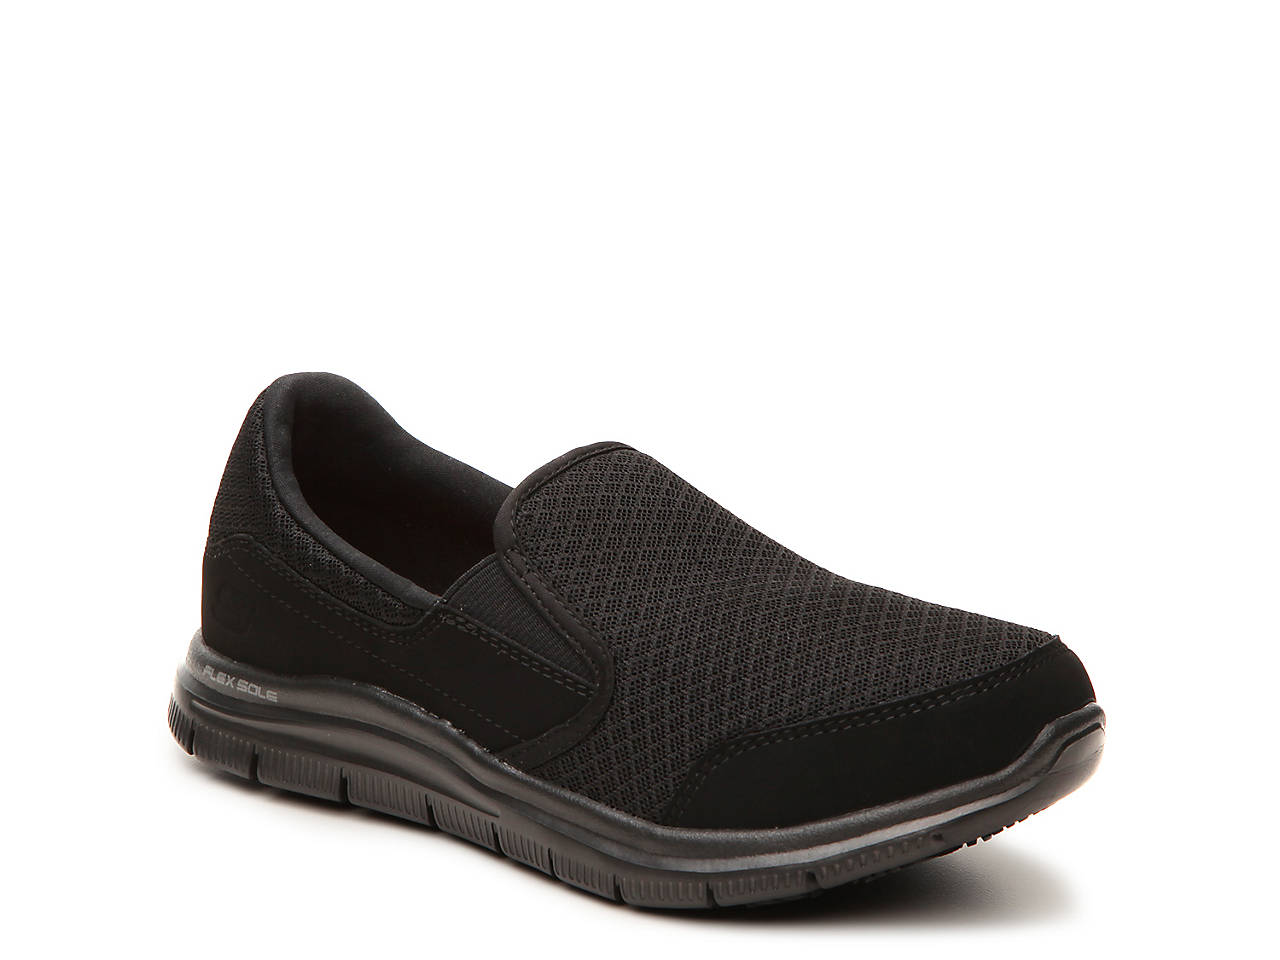 8998fe7763b3 Skechers Work Cozard Work Slip-On Women s Shoes